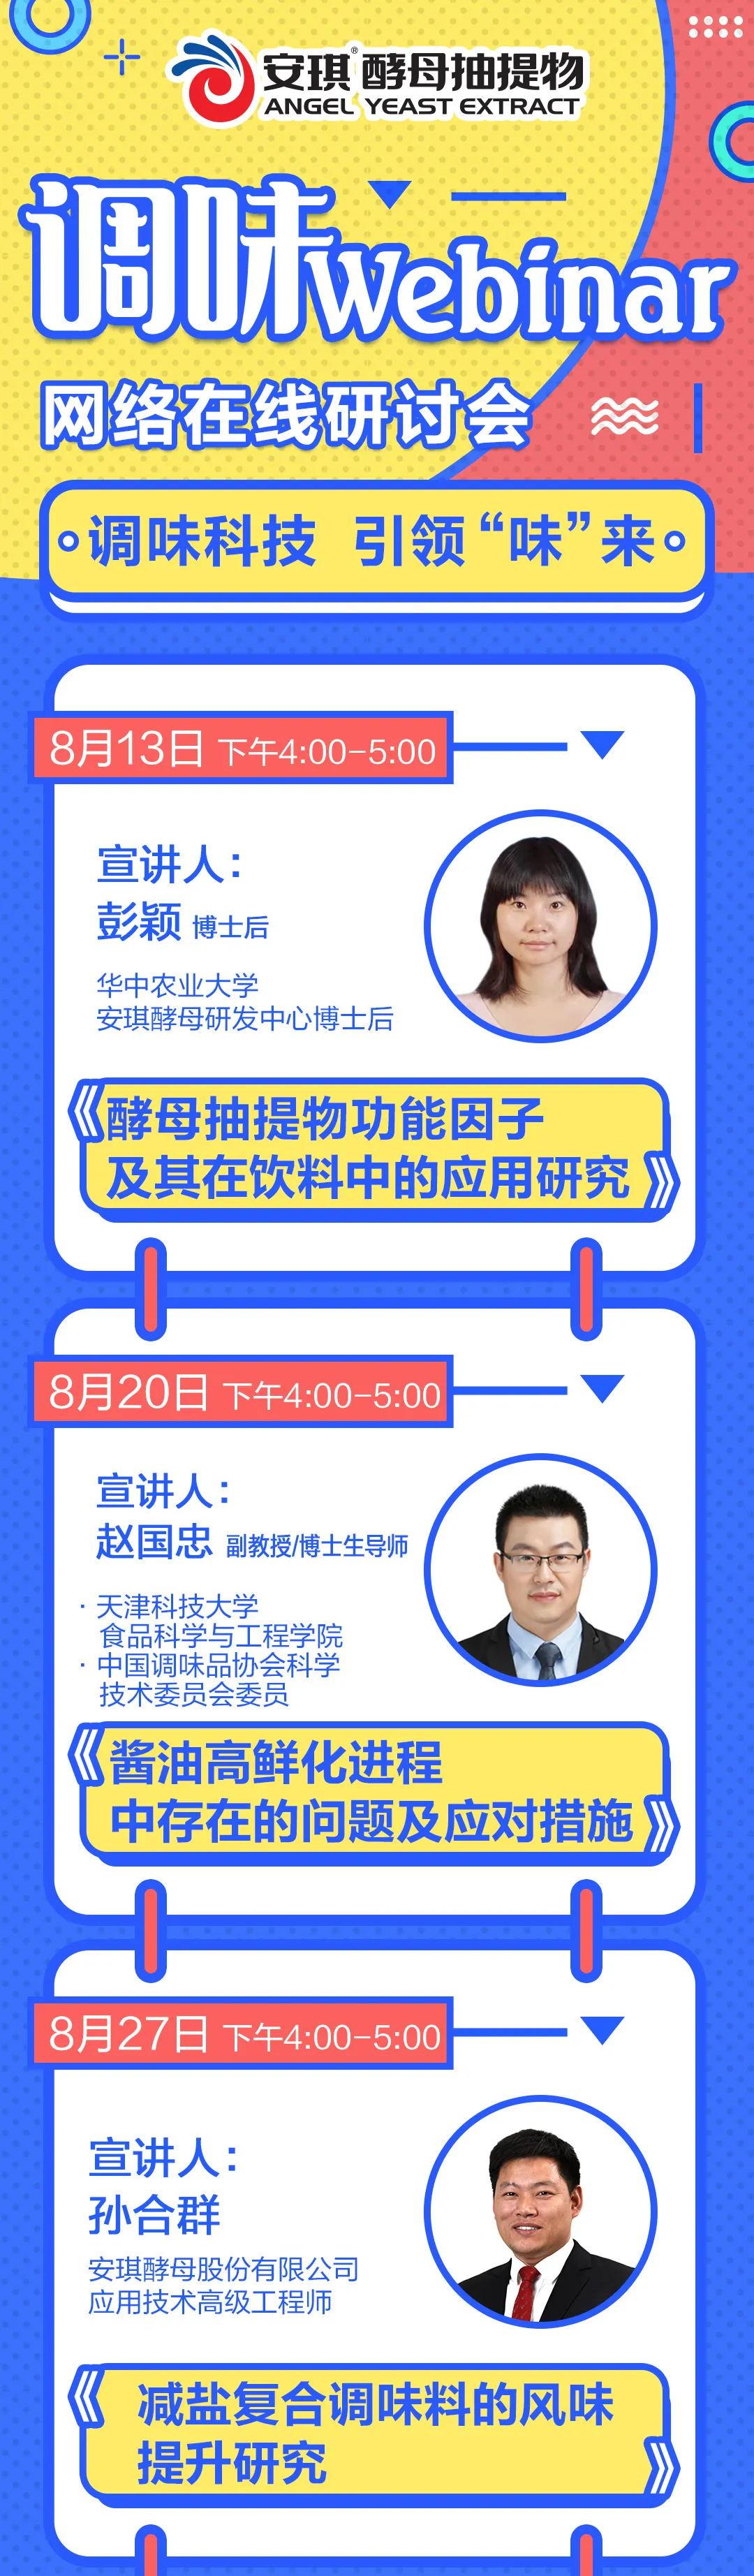 640_看图王.web.jpg